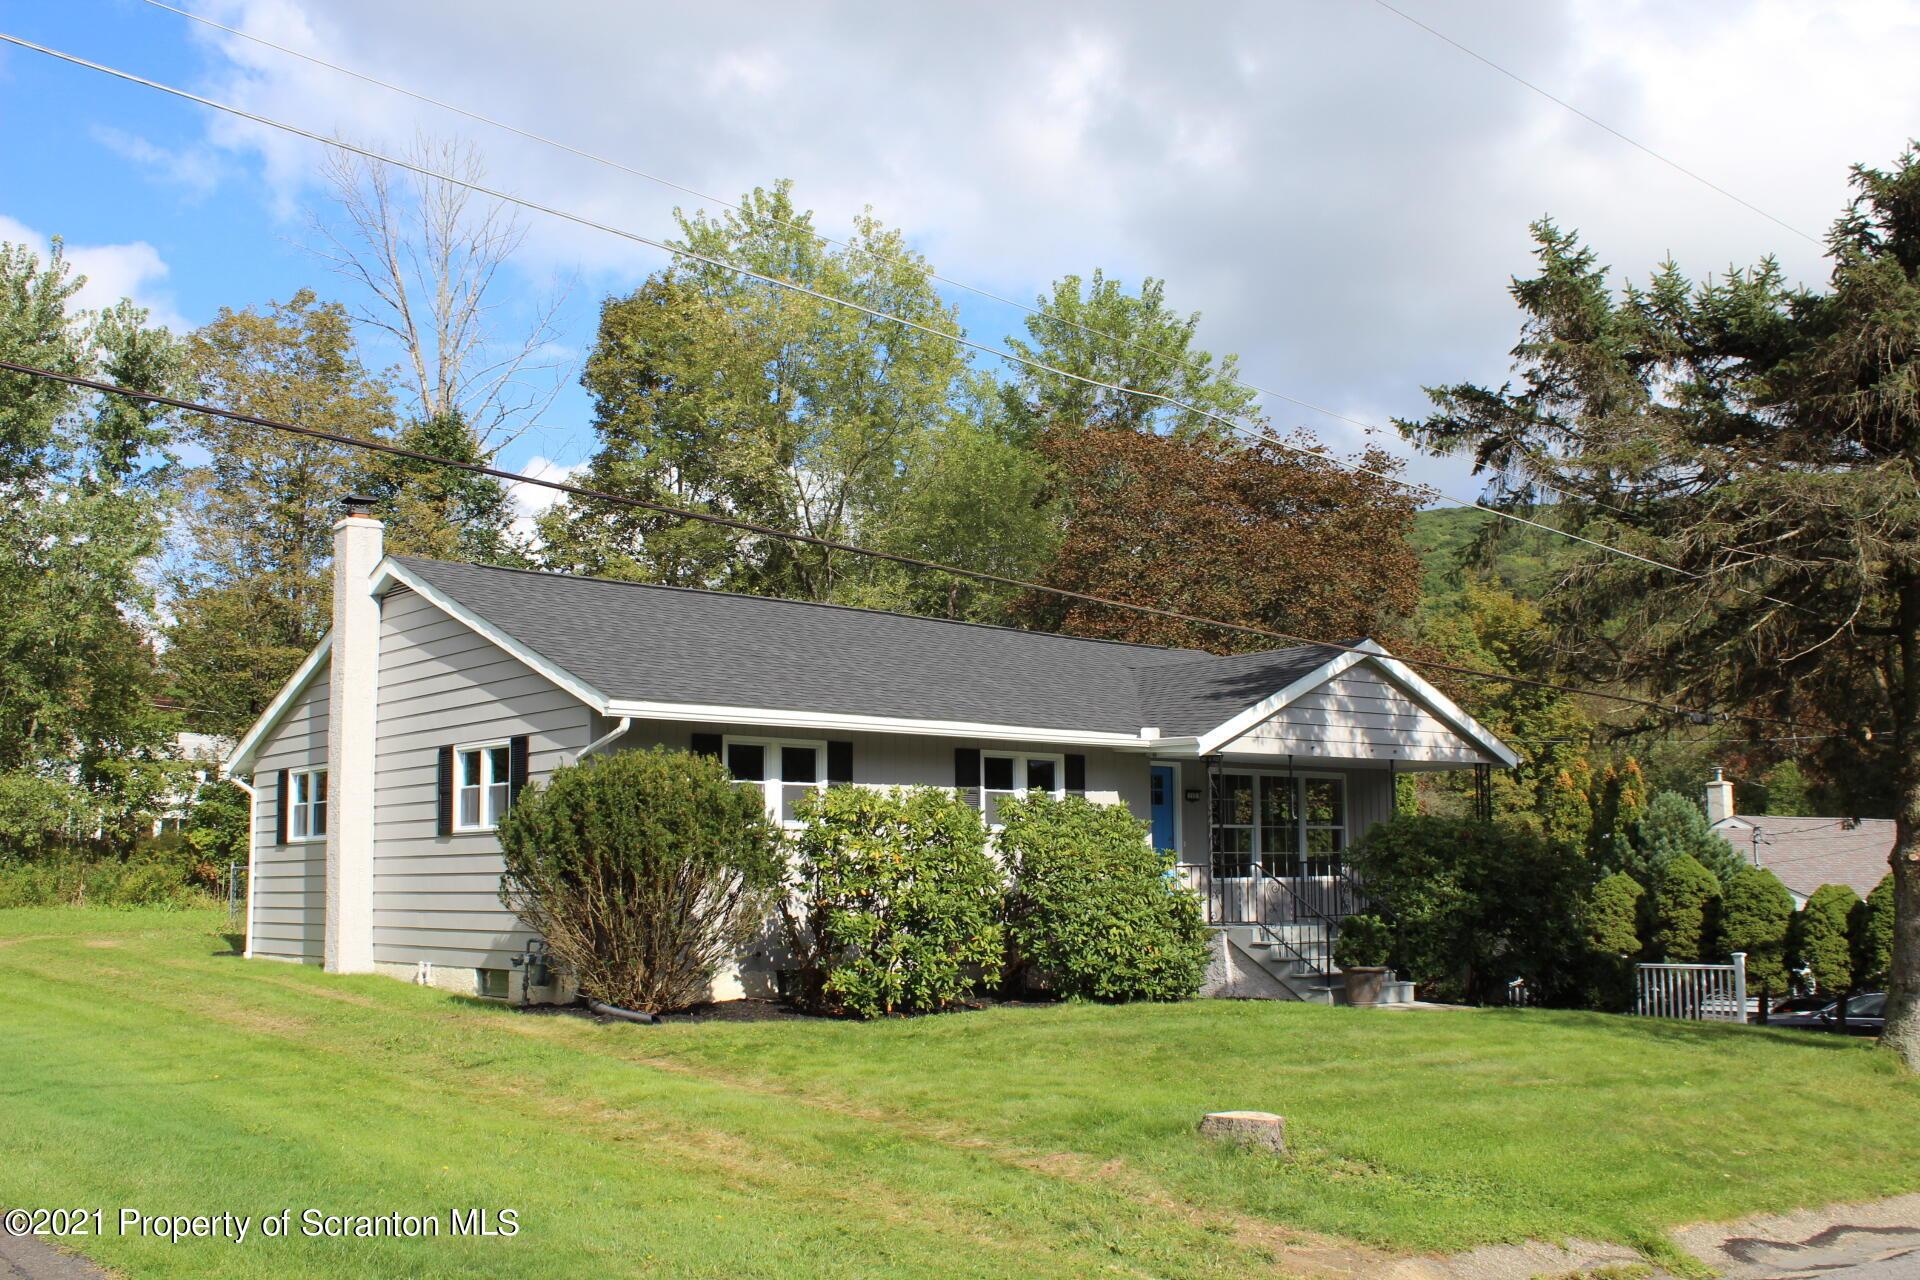 212 Sally Dr, South Abington Twp, Pennsylvania 18411, 4 Bedrooms Bedrooms, 8 Rooms Rooms,3 BathroomsBathrooms,Single Family,For Sale,Sally,21-4378